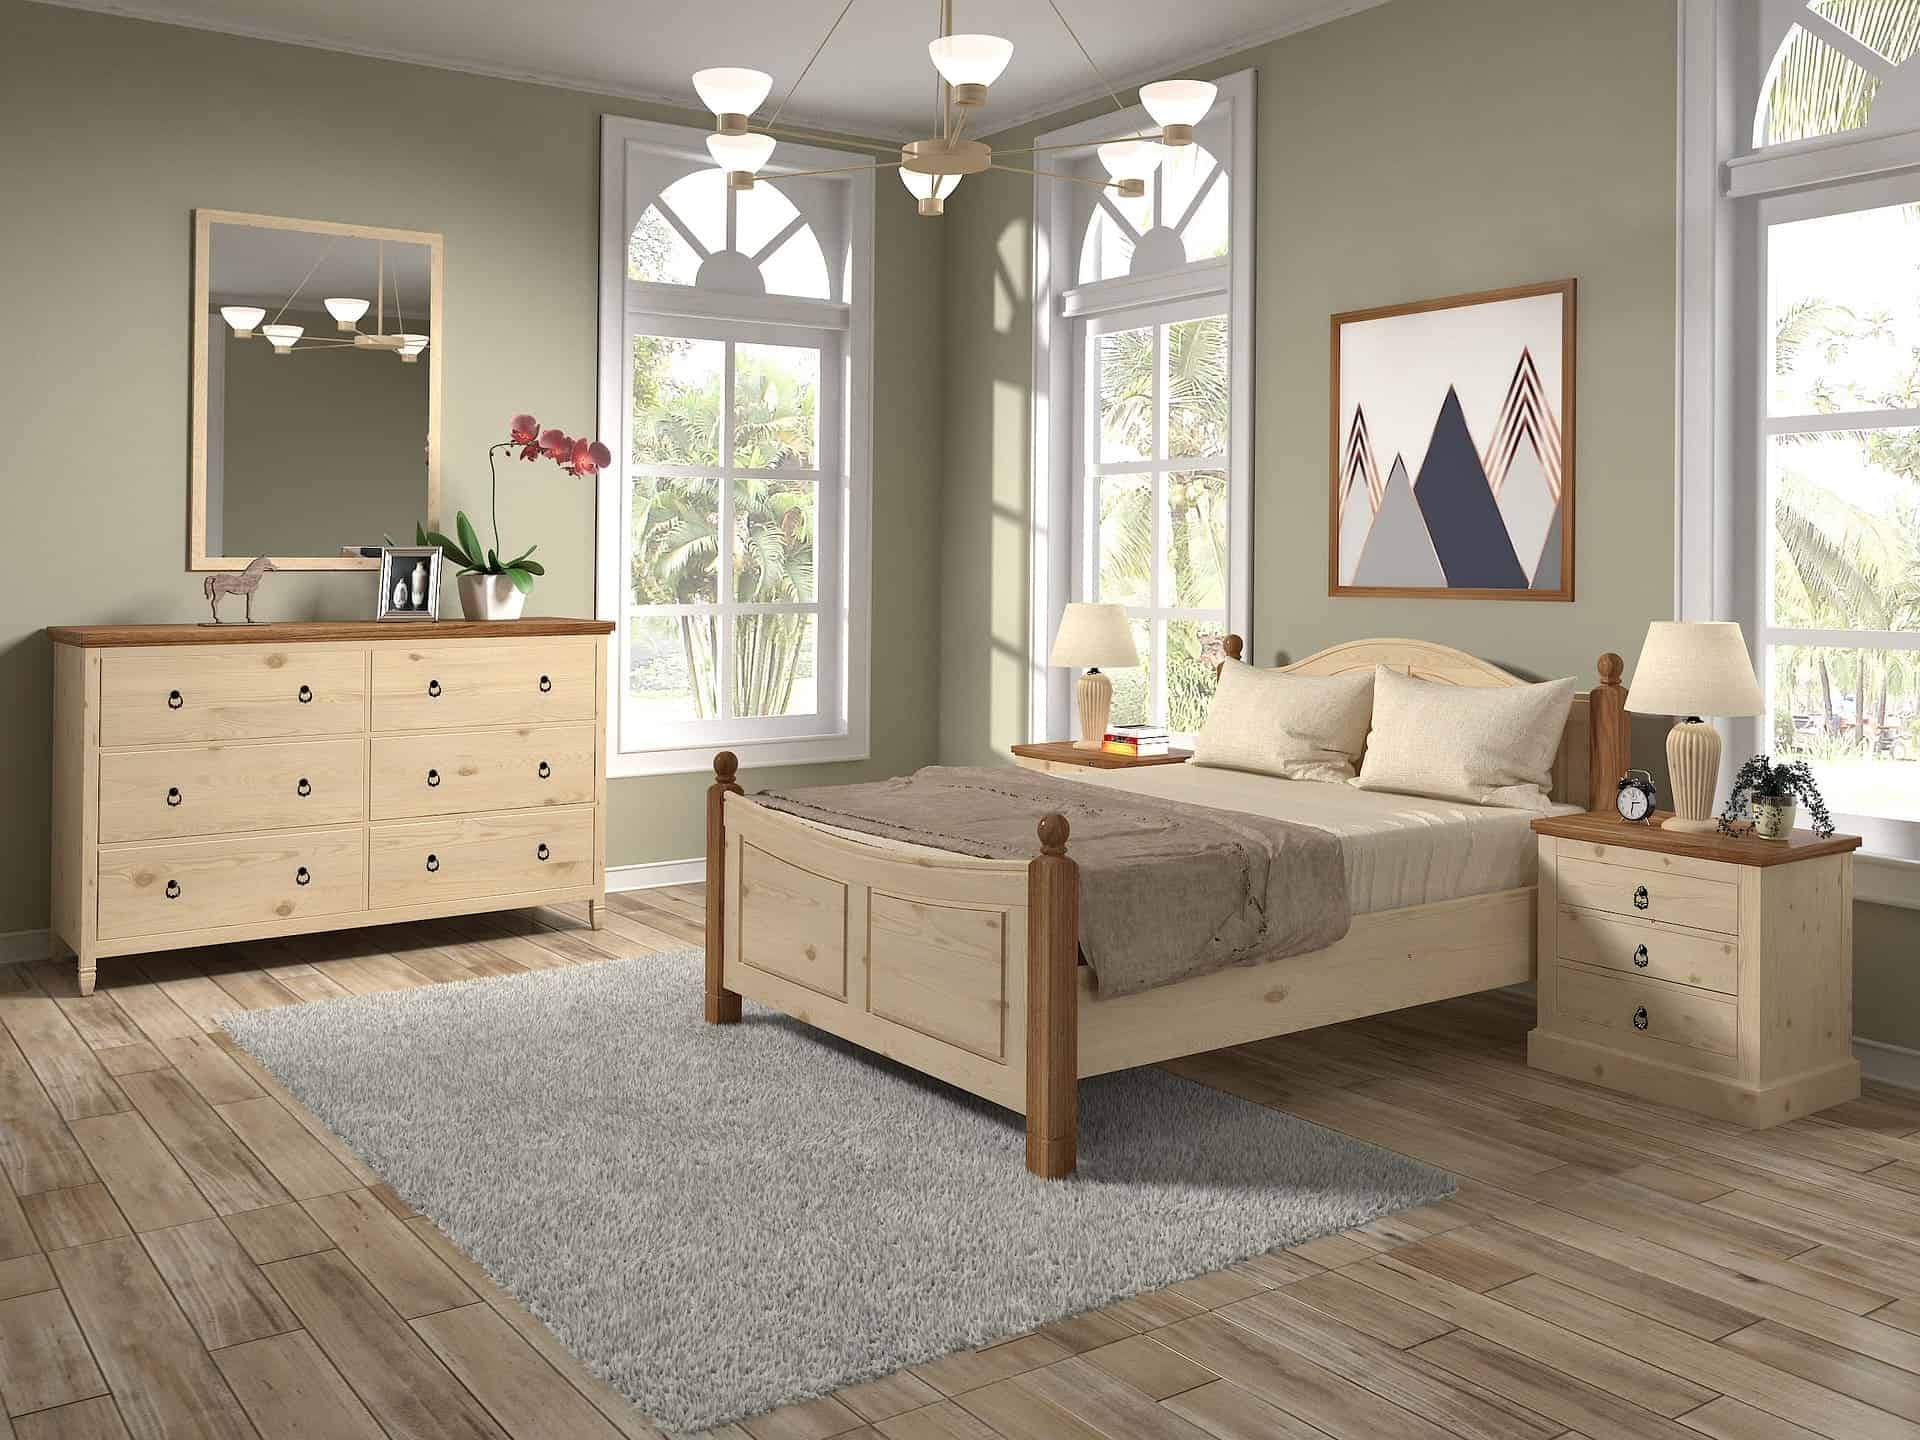 unterbettkommode test 2018 die besten unterbettkommoden unterbetttaschen im vergleich. Black Bedroom Furniture Sets. Home Design Ideas